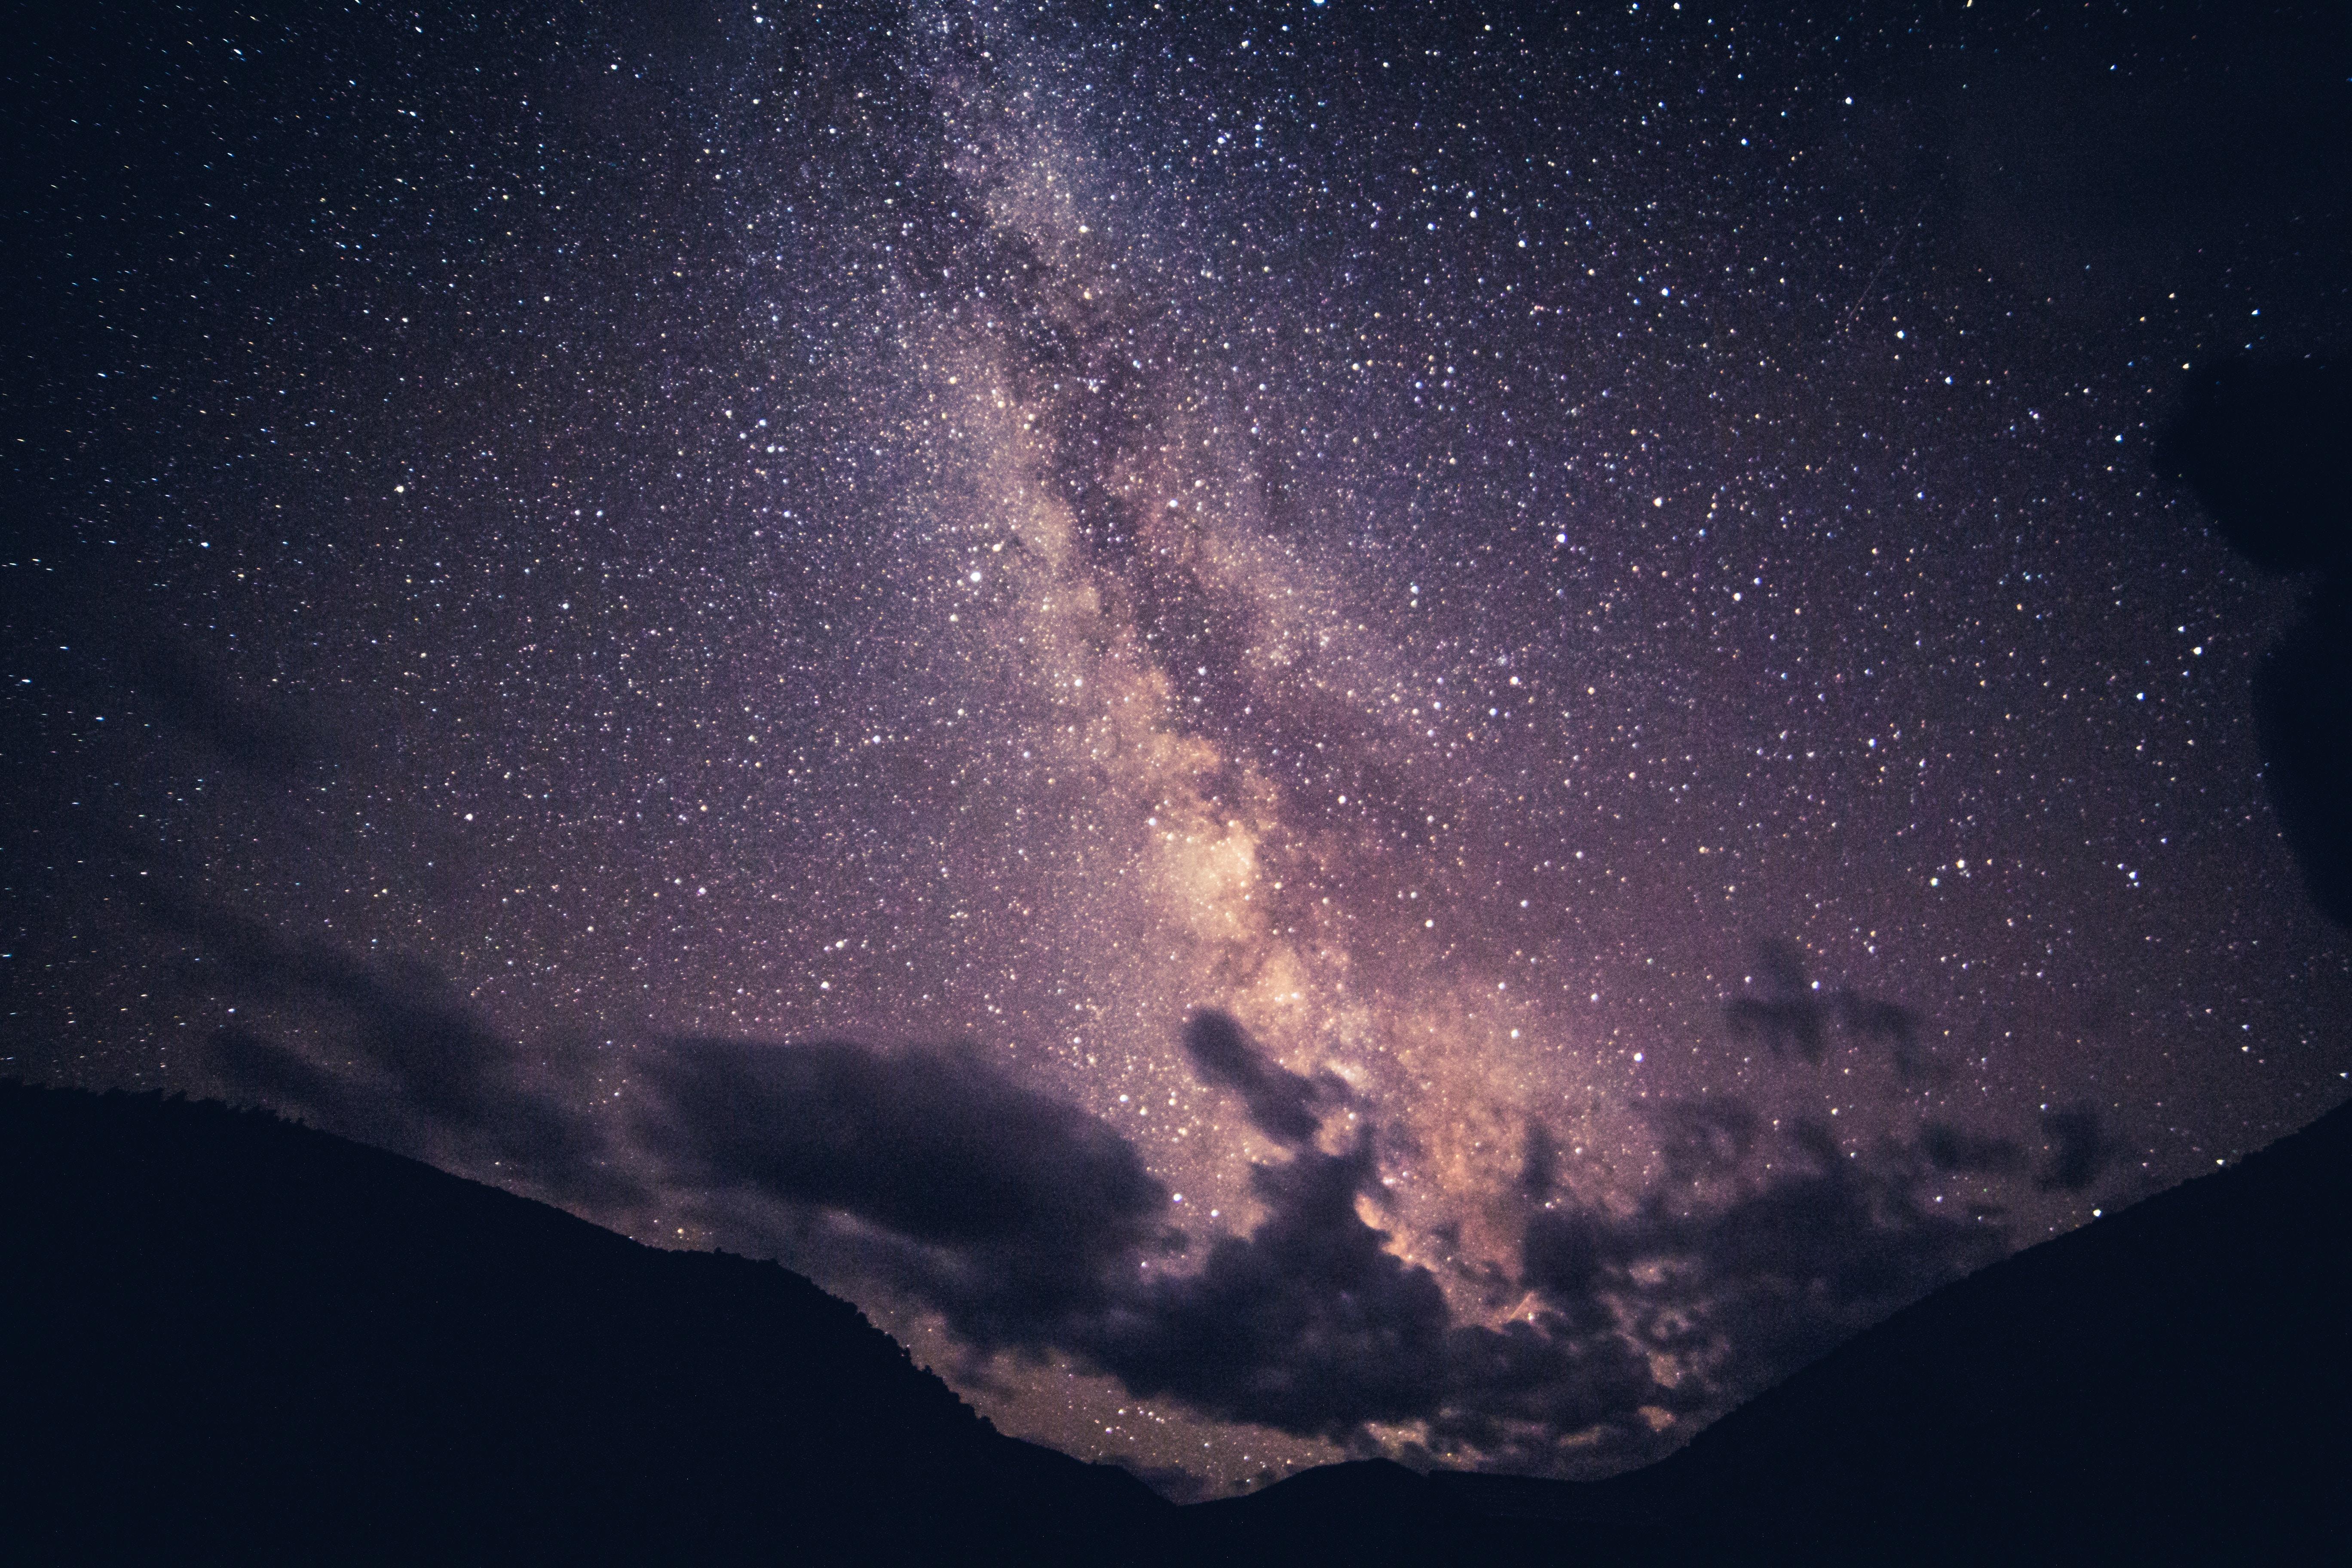 75693壁紙のダウンロード自然, 星空, 天の川, 雲, ナイト-スクリーンセーバーと写真を無料で